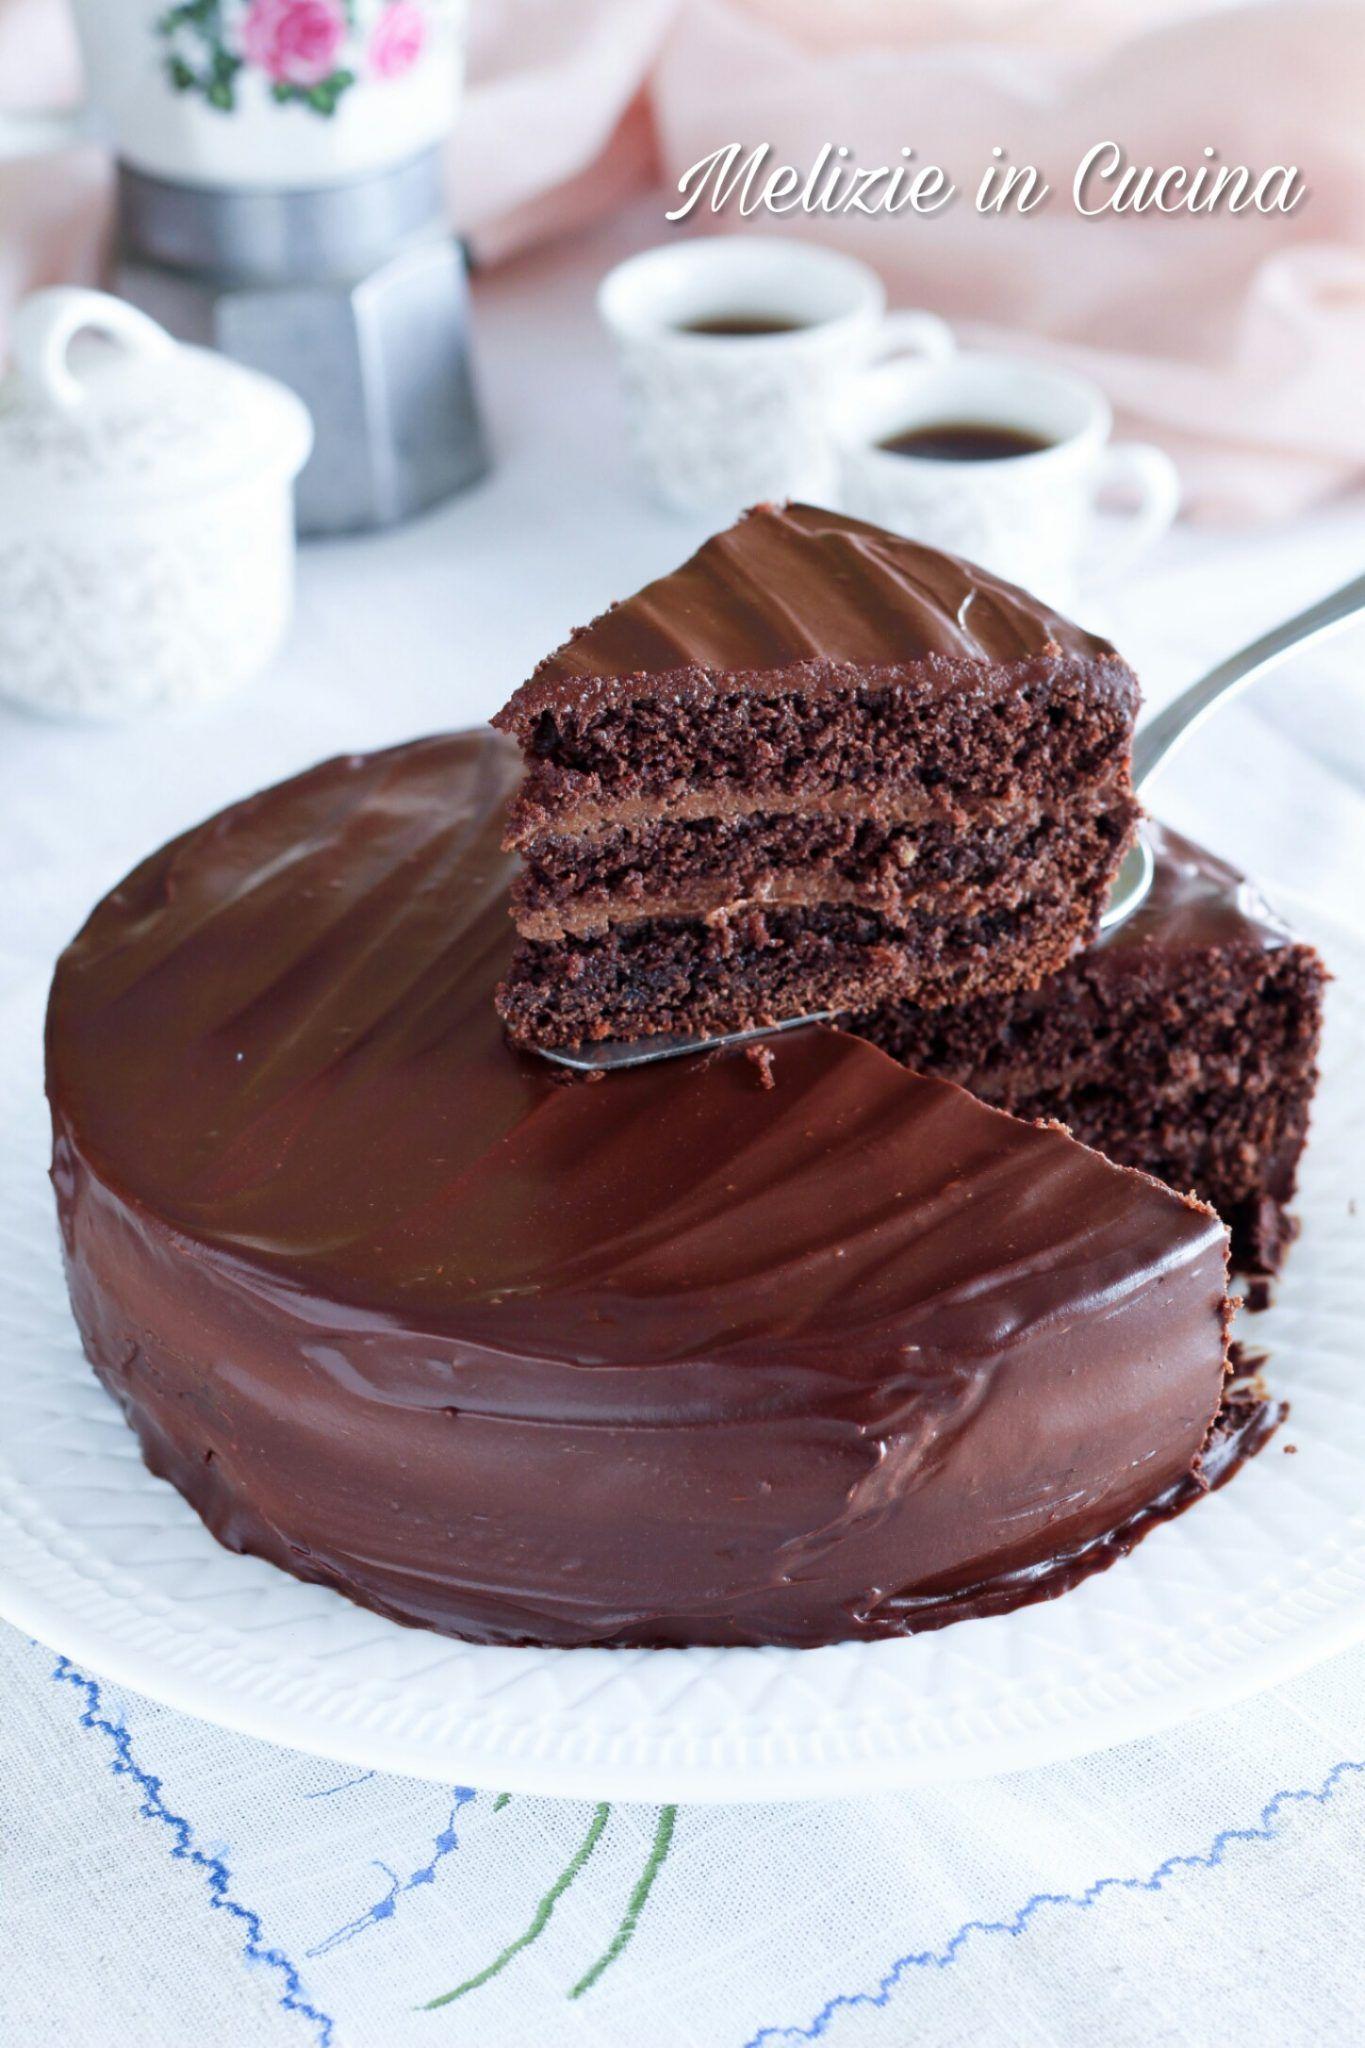 Ricetta Torta Al Cioccolato Glassata.Torta Al Cioccolato Glassata Semplicemente Golosa Melizie In Cucina Ricetta Torta Al Cioccolato Torte Cioccolato